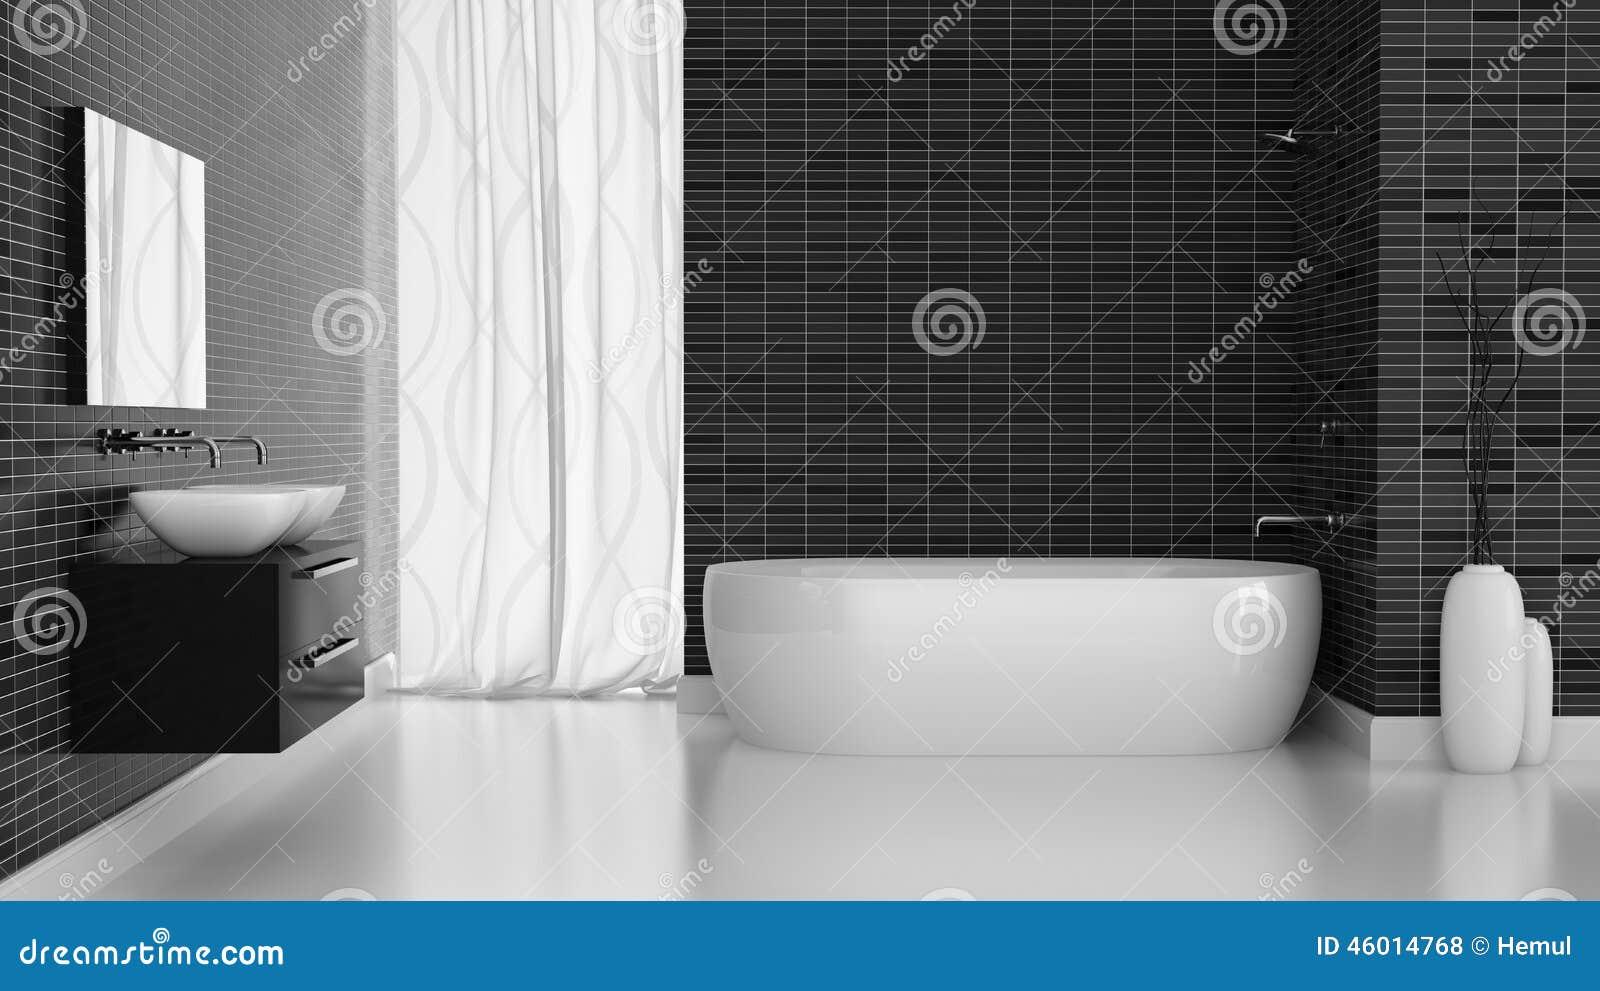 Salle De Bain Mur Noir ~ int rieur de salle de bains moderne avec le mur noir de tuiles